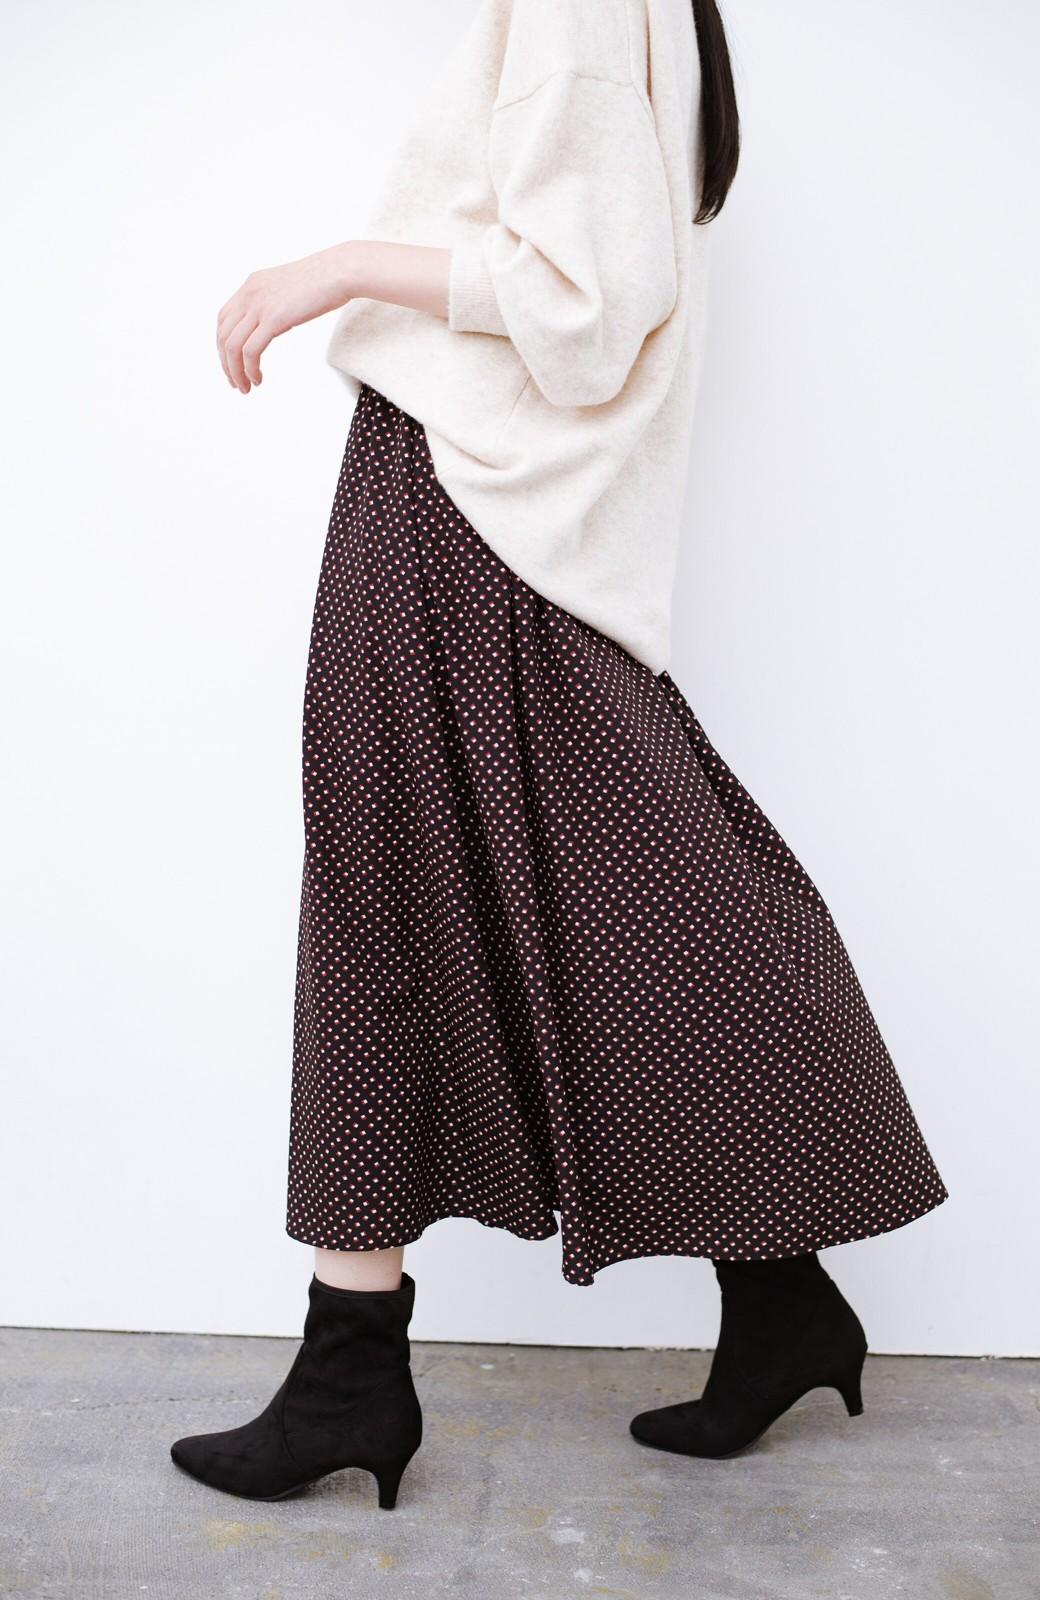 haco! デニムにもスカートにも似合う!すぽっと履けてスタイルアップが叶う女っぽフェイクスエードブーツ <ブラック>の商品写真9